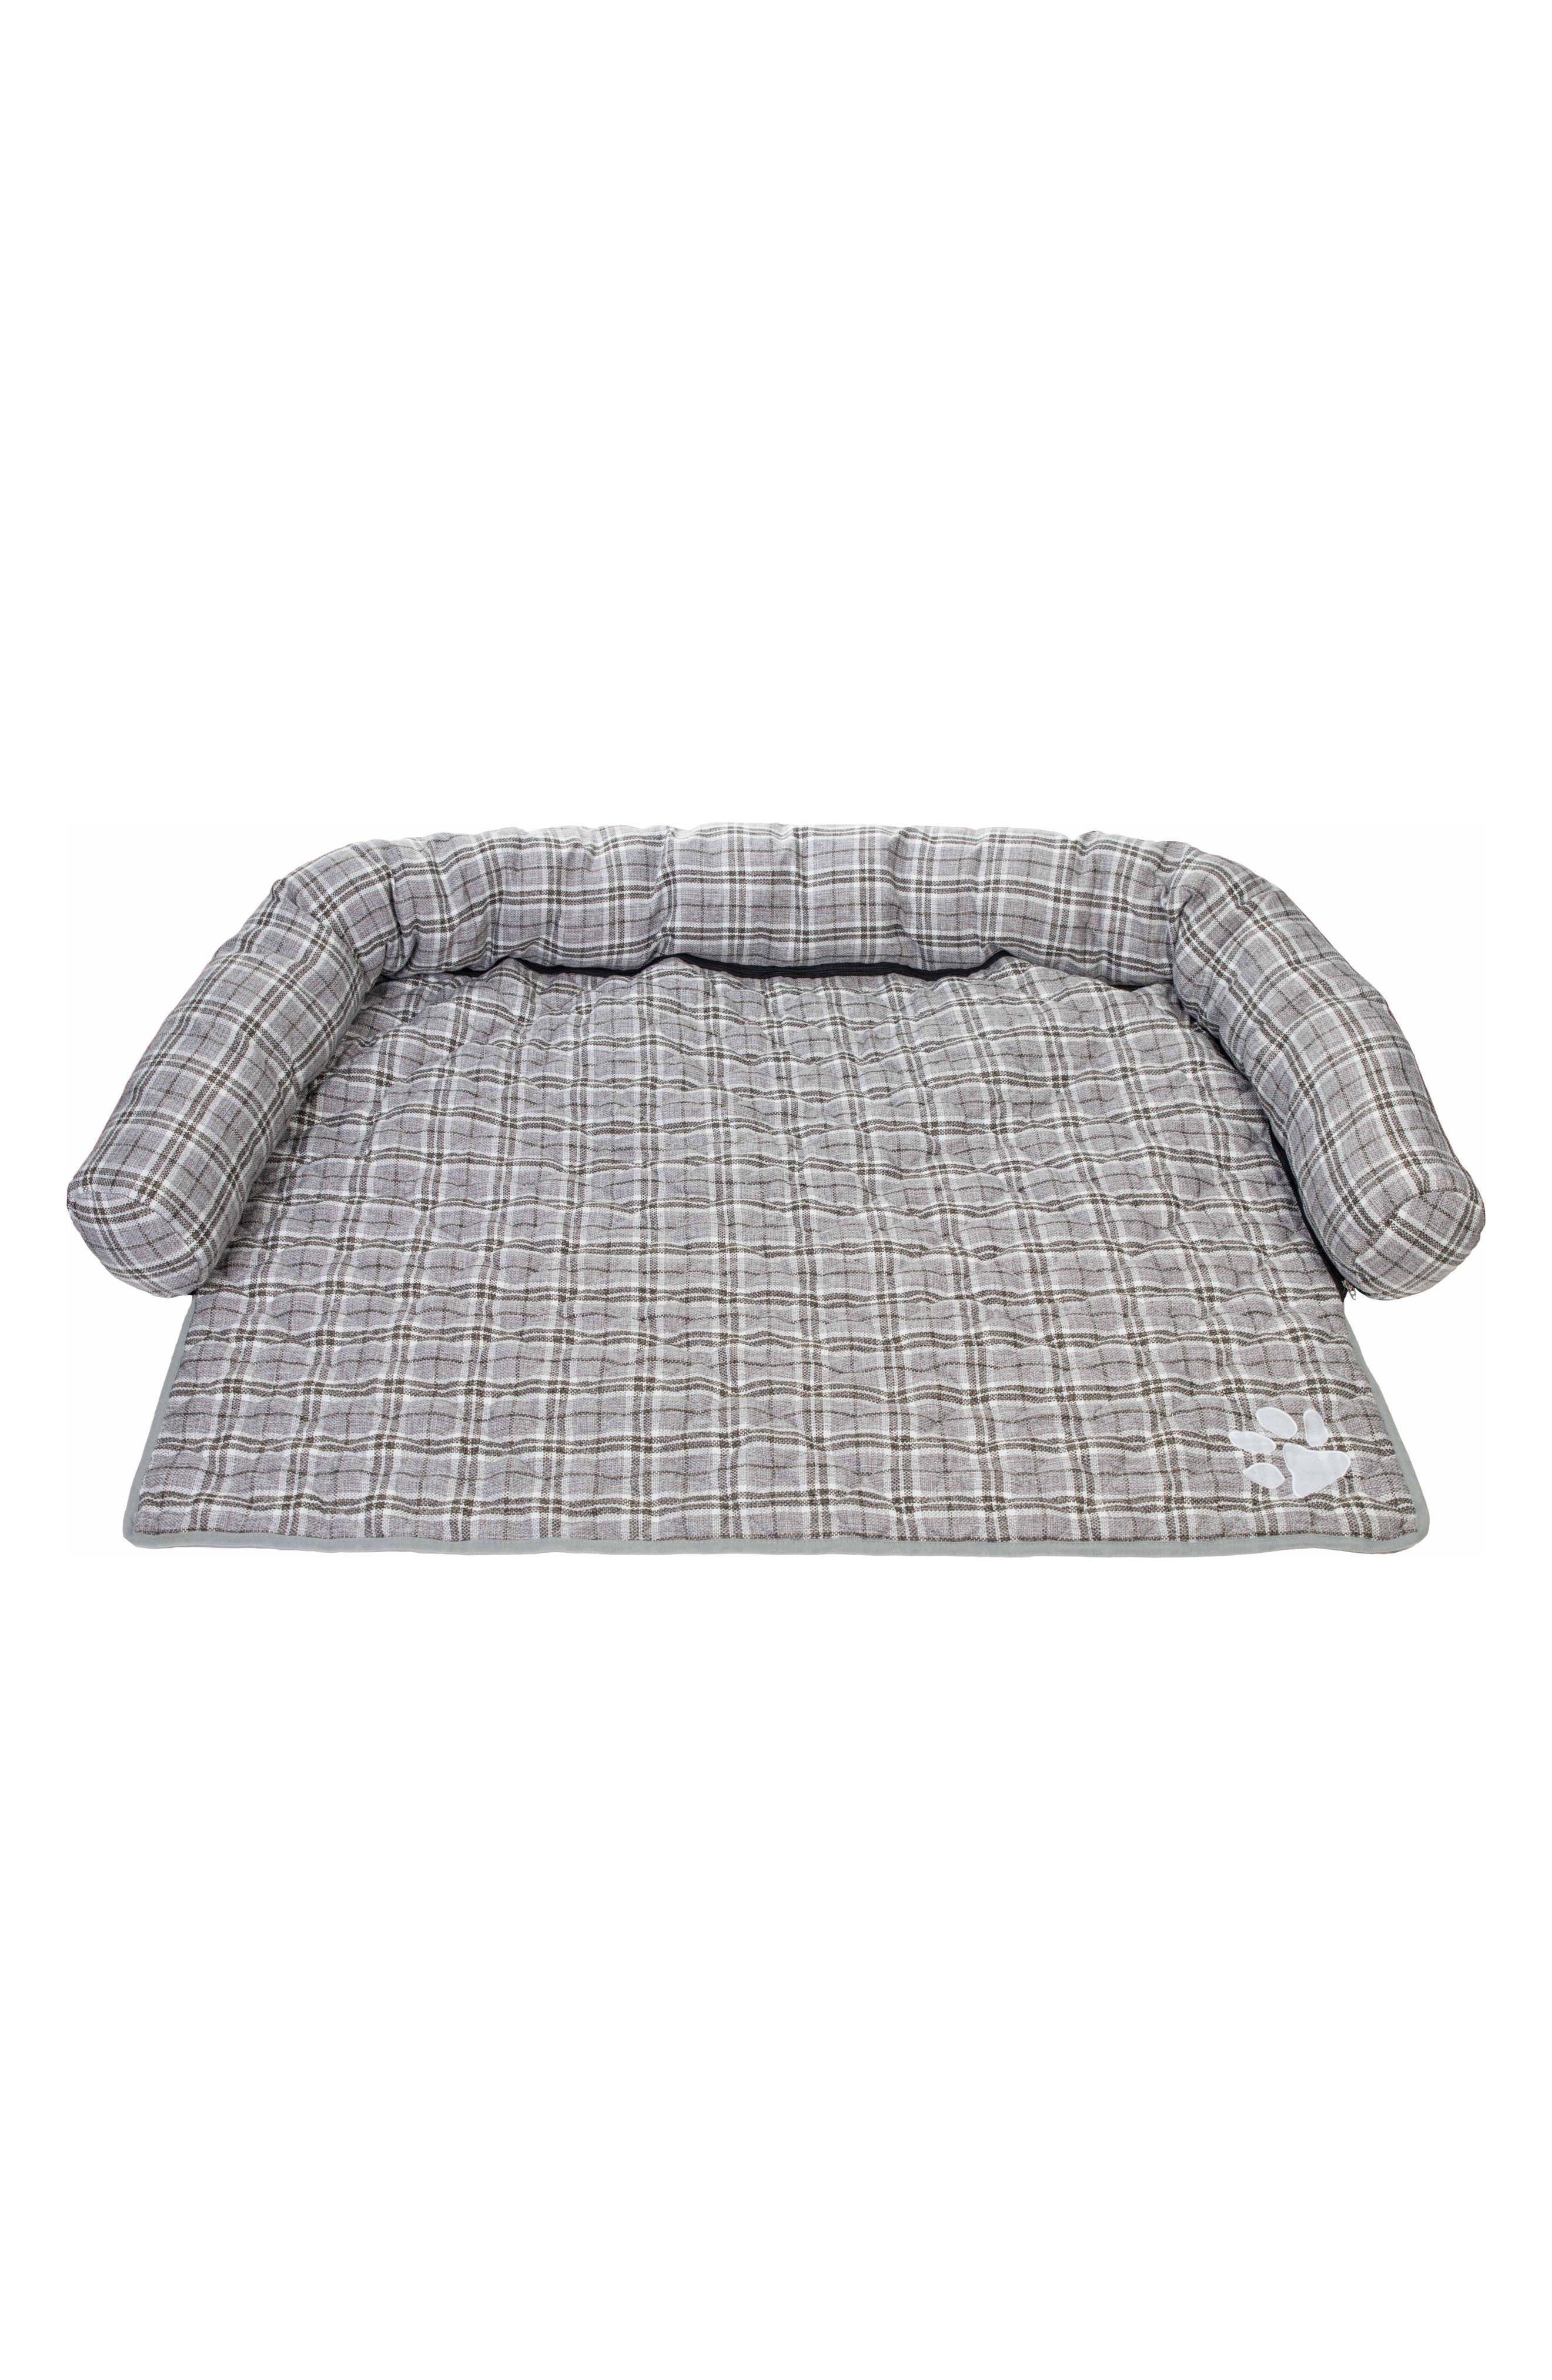 Harlee Pet Sofa Cover,                         Main,                         color, GREY